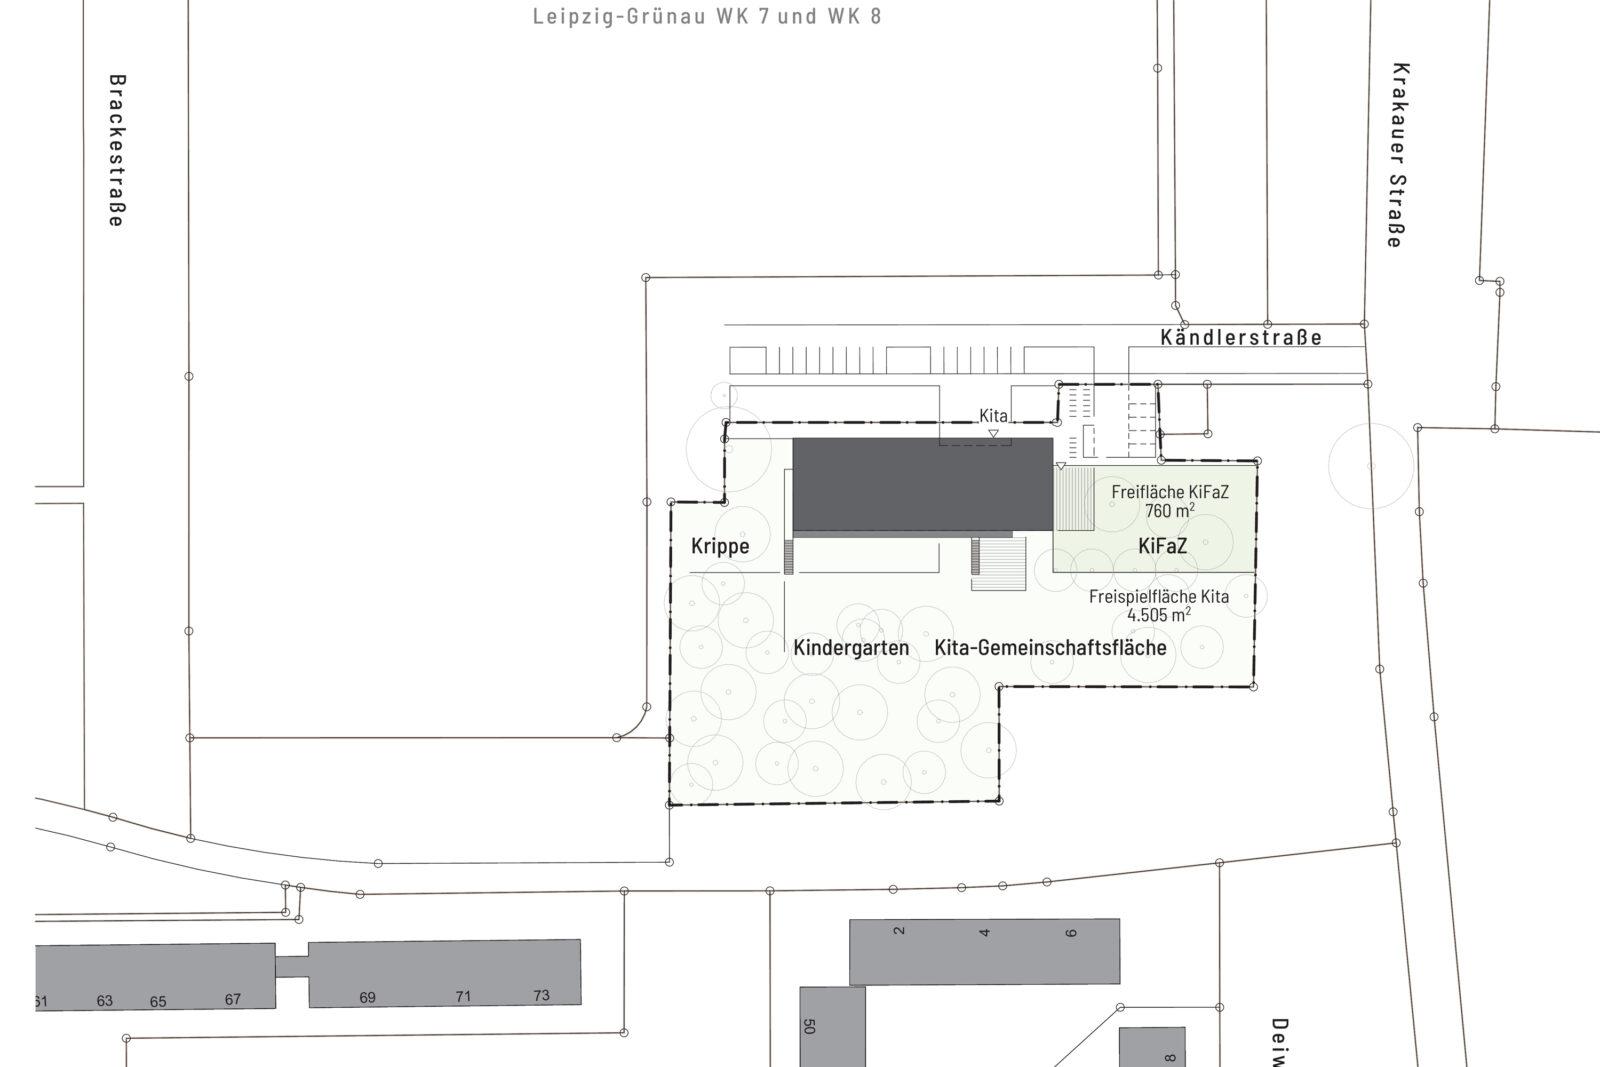 Neubau Kita und Familienzentrum Kändlerstraße - Lageplan